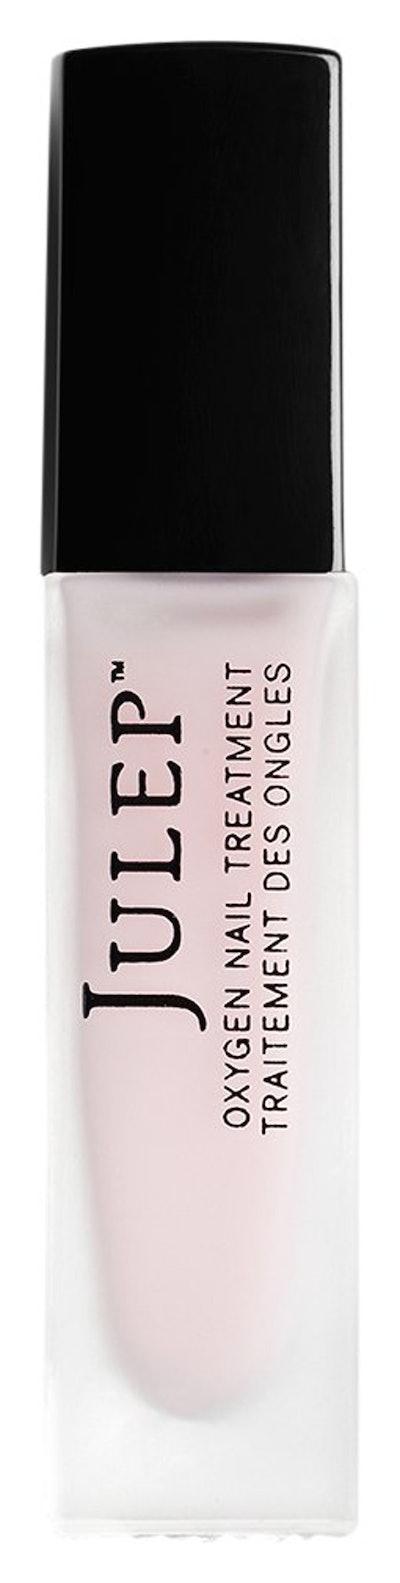 Julep Oxygen Nail Treatment